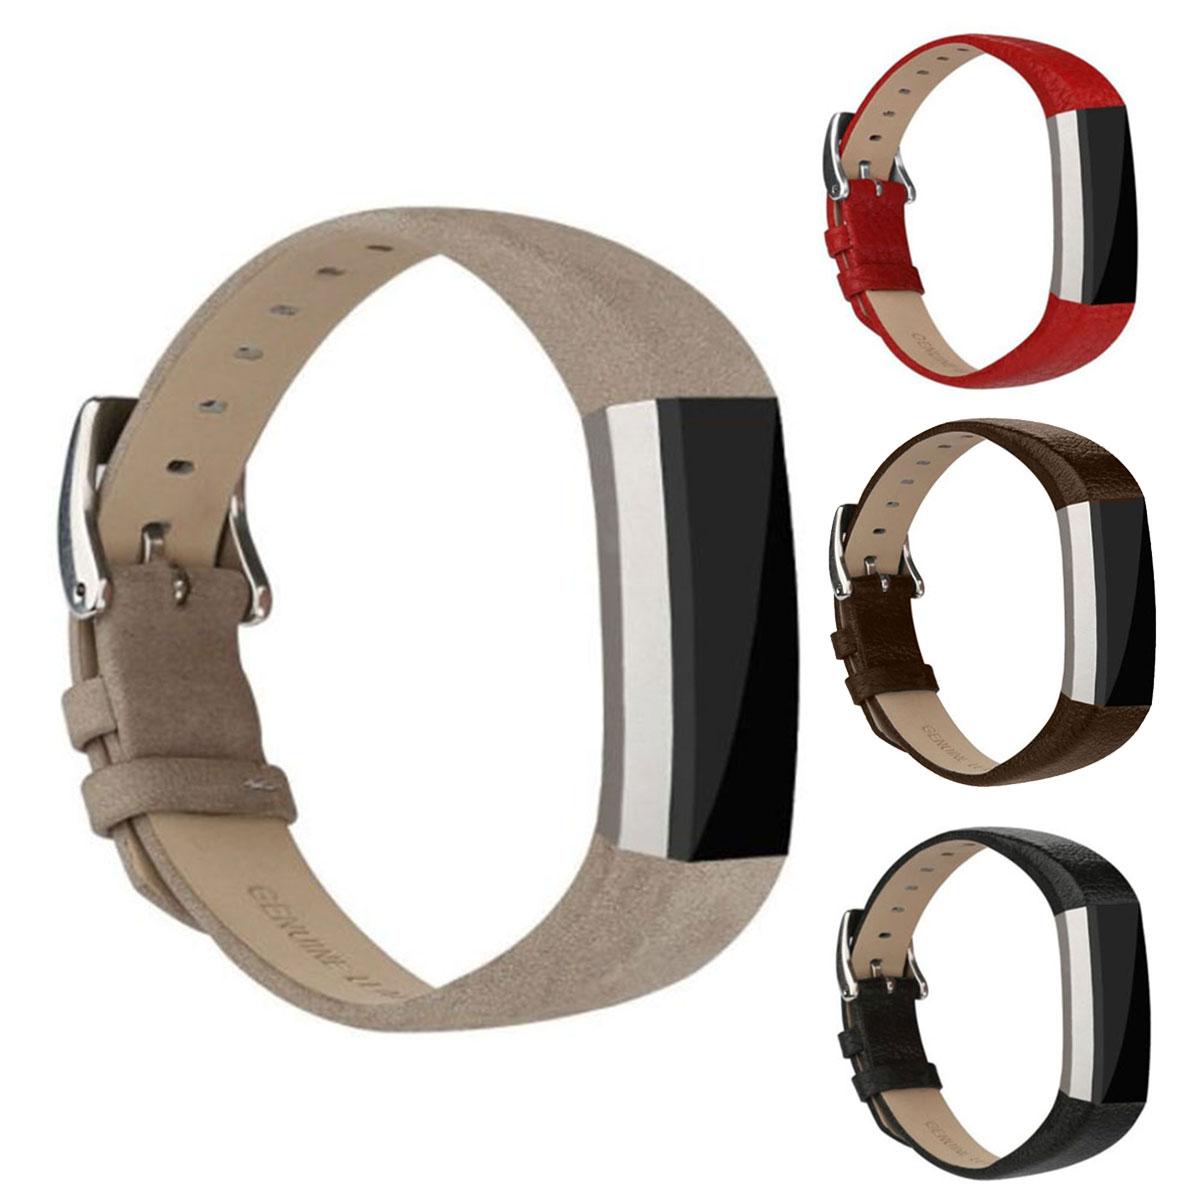 Fitbit Alta SEAL限定商品 HR 交換 ベルト SALENEW大人気! フィットビット アルタ 対応 バンド 革 FitbitAlta レザー